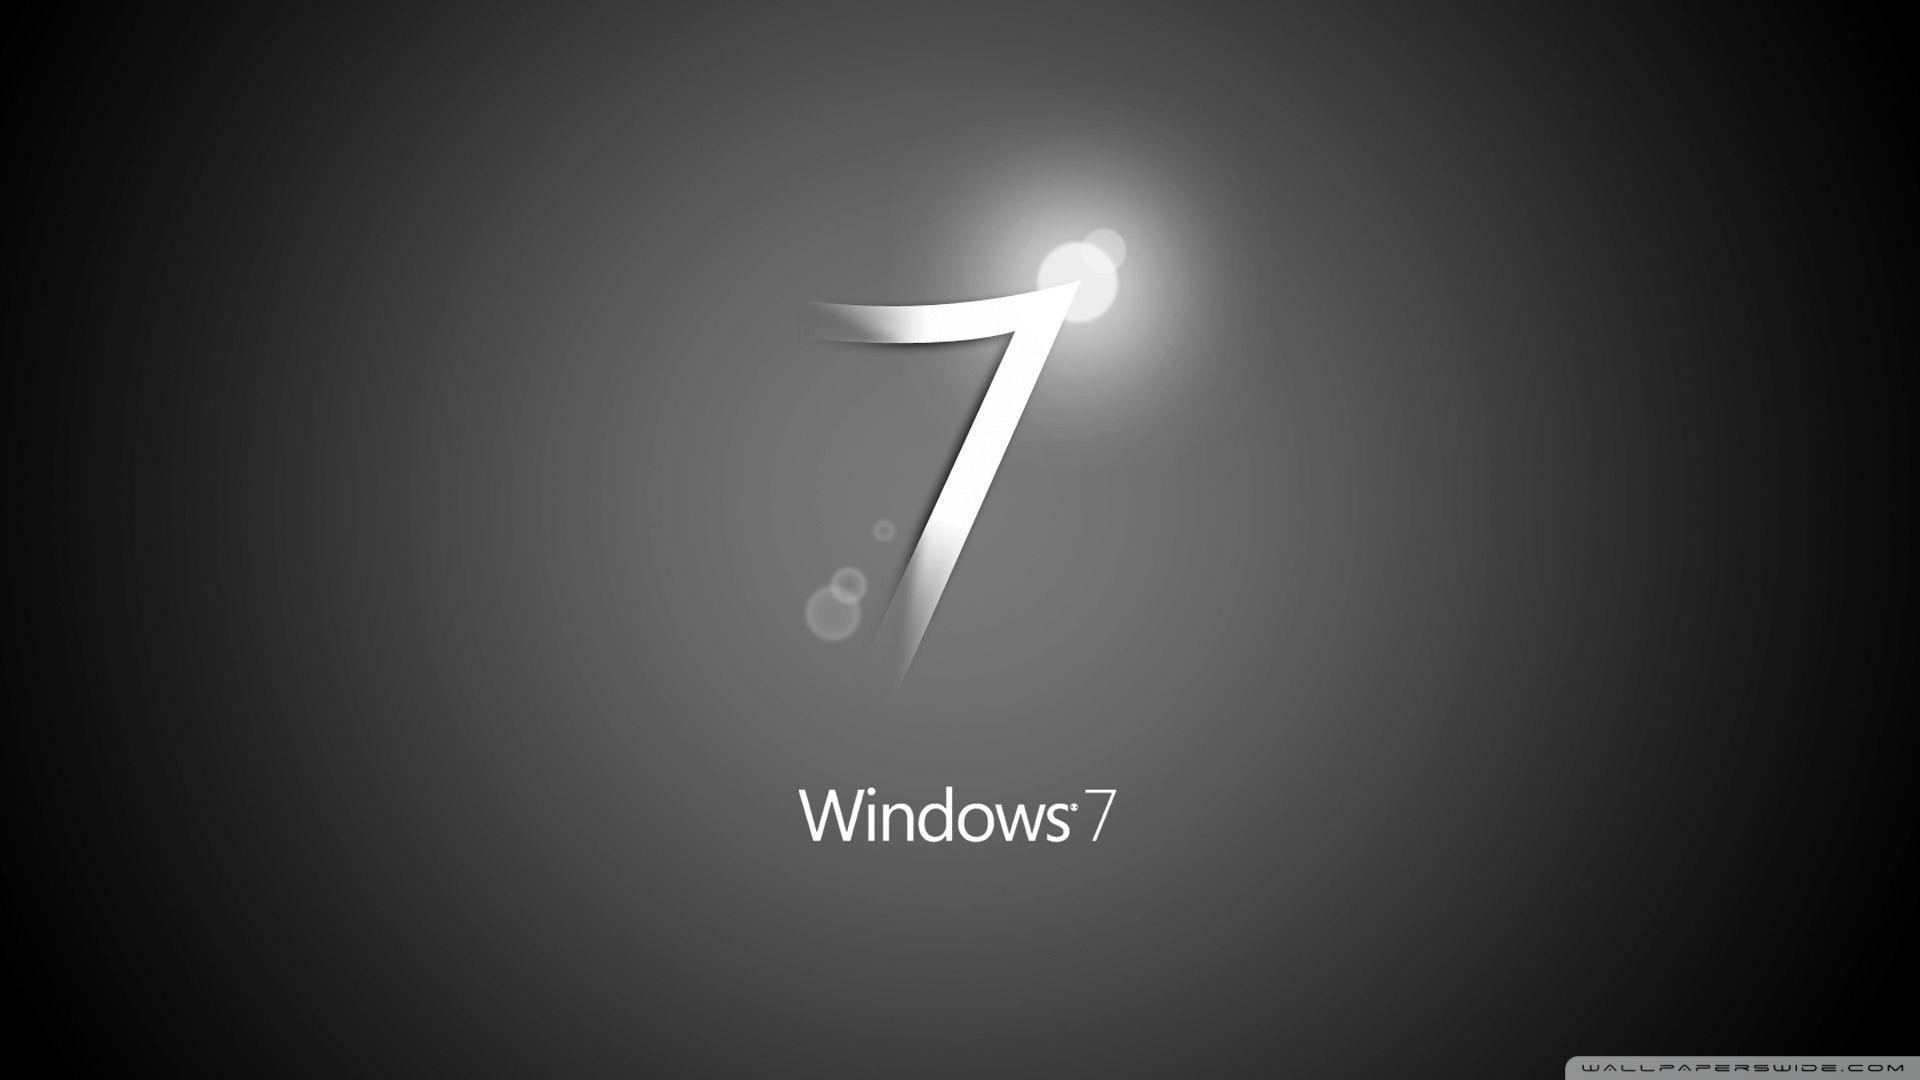 Windows 7 Black Hd Wallpaper Wallpaper Cave